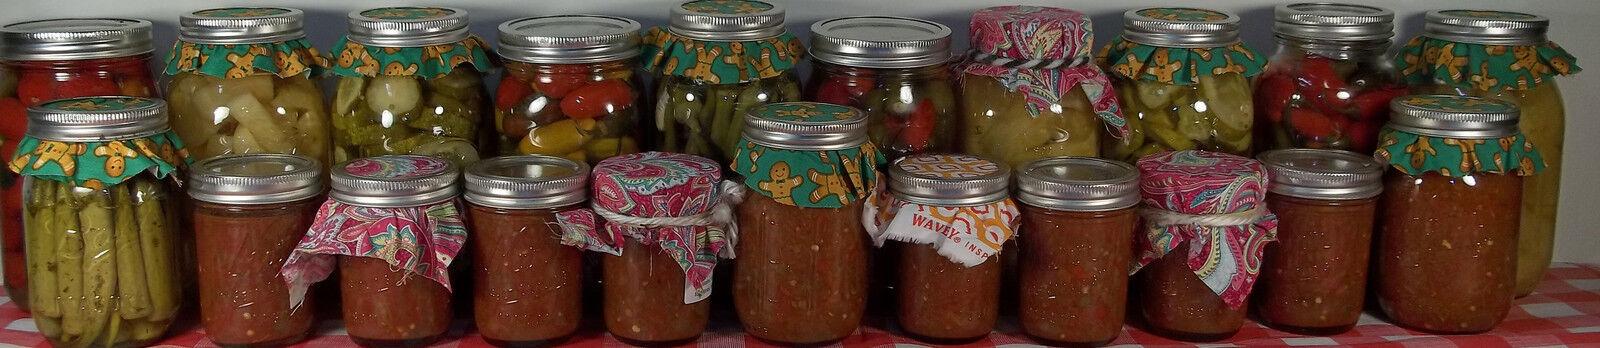 Ultimate Pickle Jar System